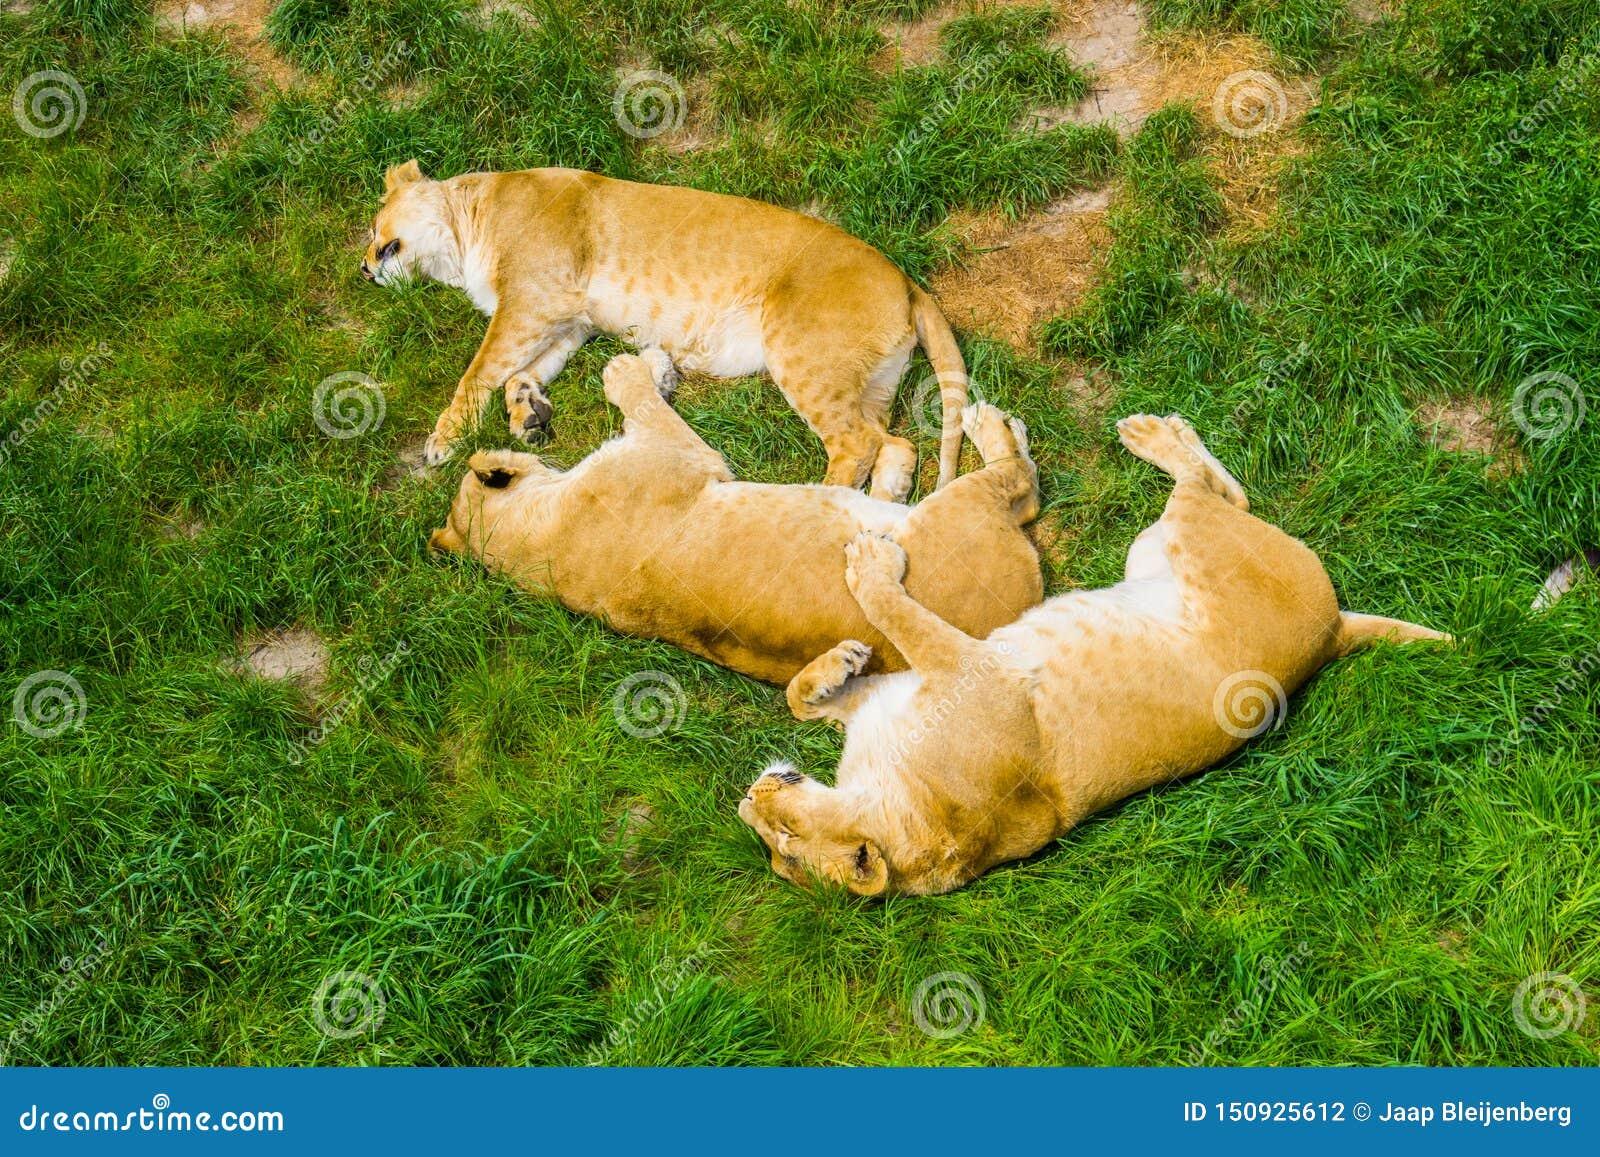 Gruppo di leoni femminili che dormono insieme vicino nell erba, comportamento del leone sociale, specie animale vulnerabile dall